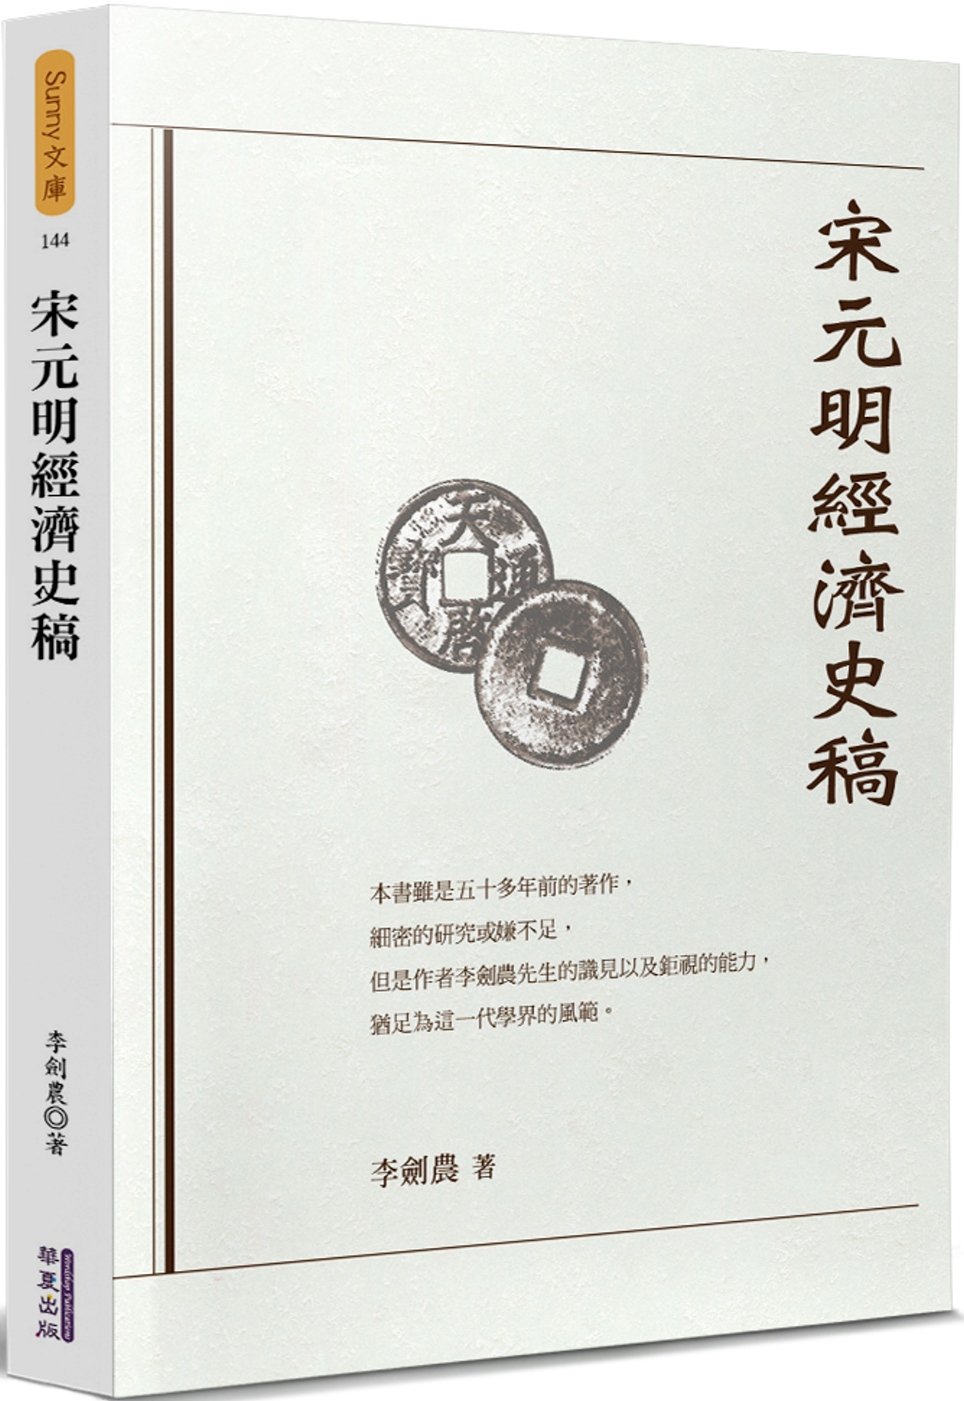 宋元明經濟史稿